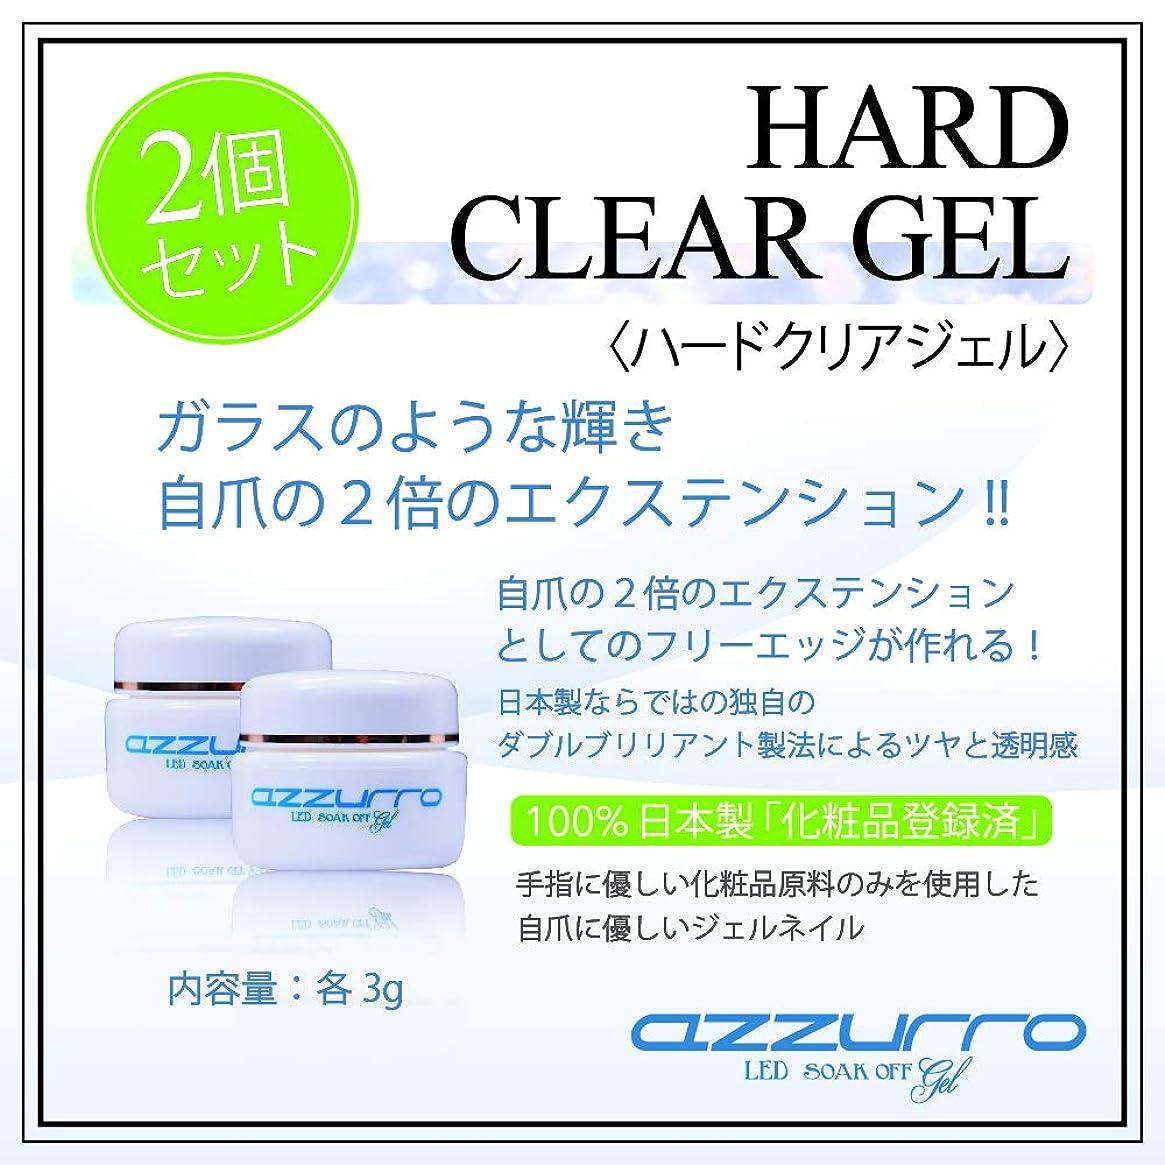 歴史スローガン追加azzurro gel アッズーロハードクリアージェル 3g お得な2個セット キラキラ感持続 抜群のツヤ